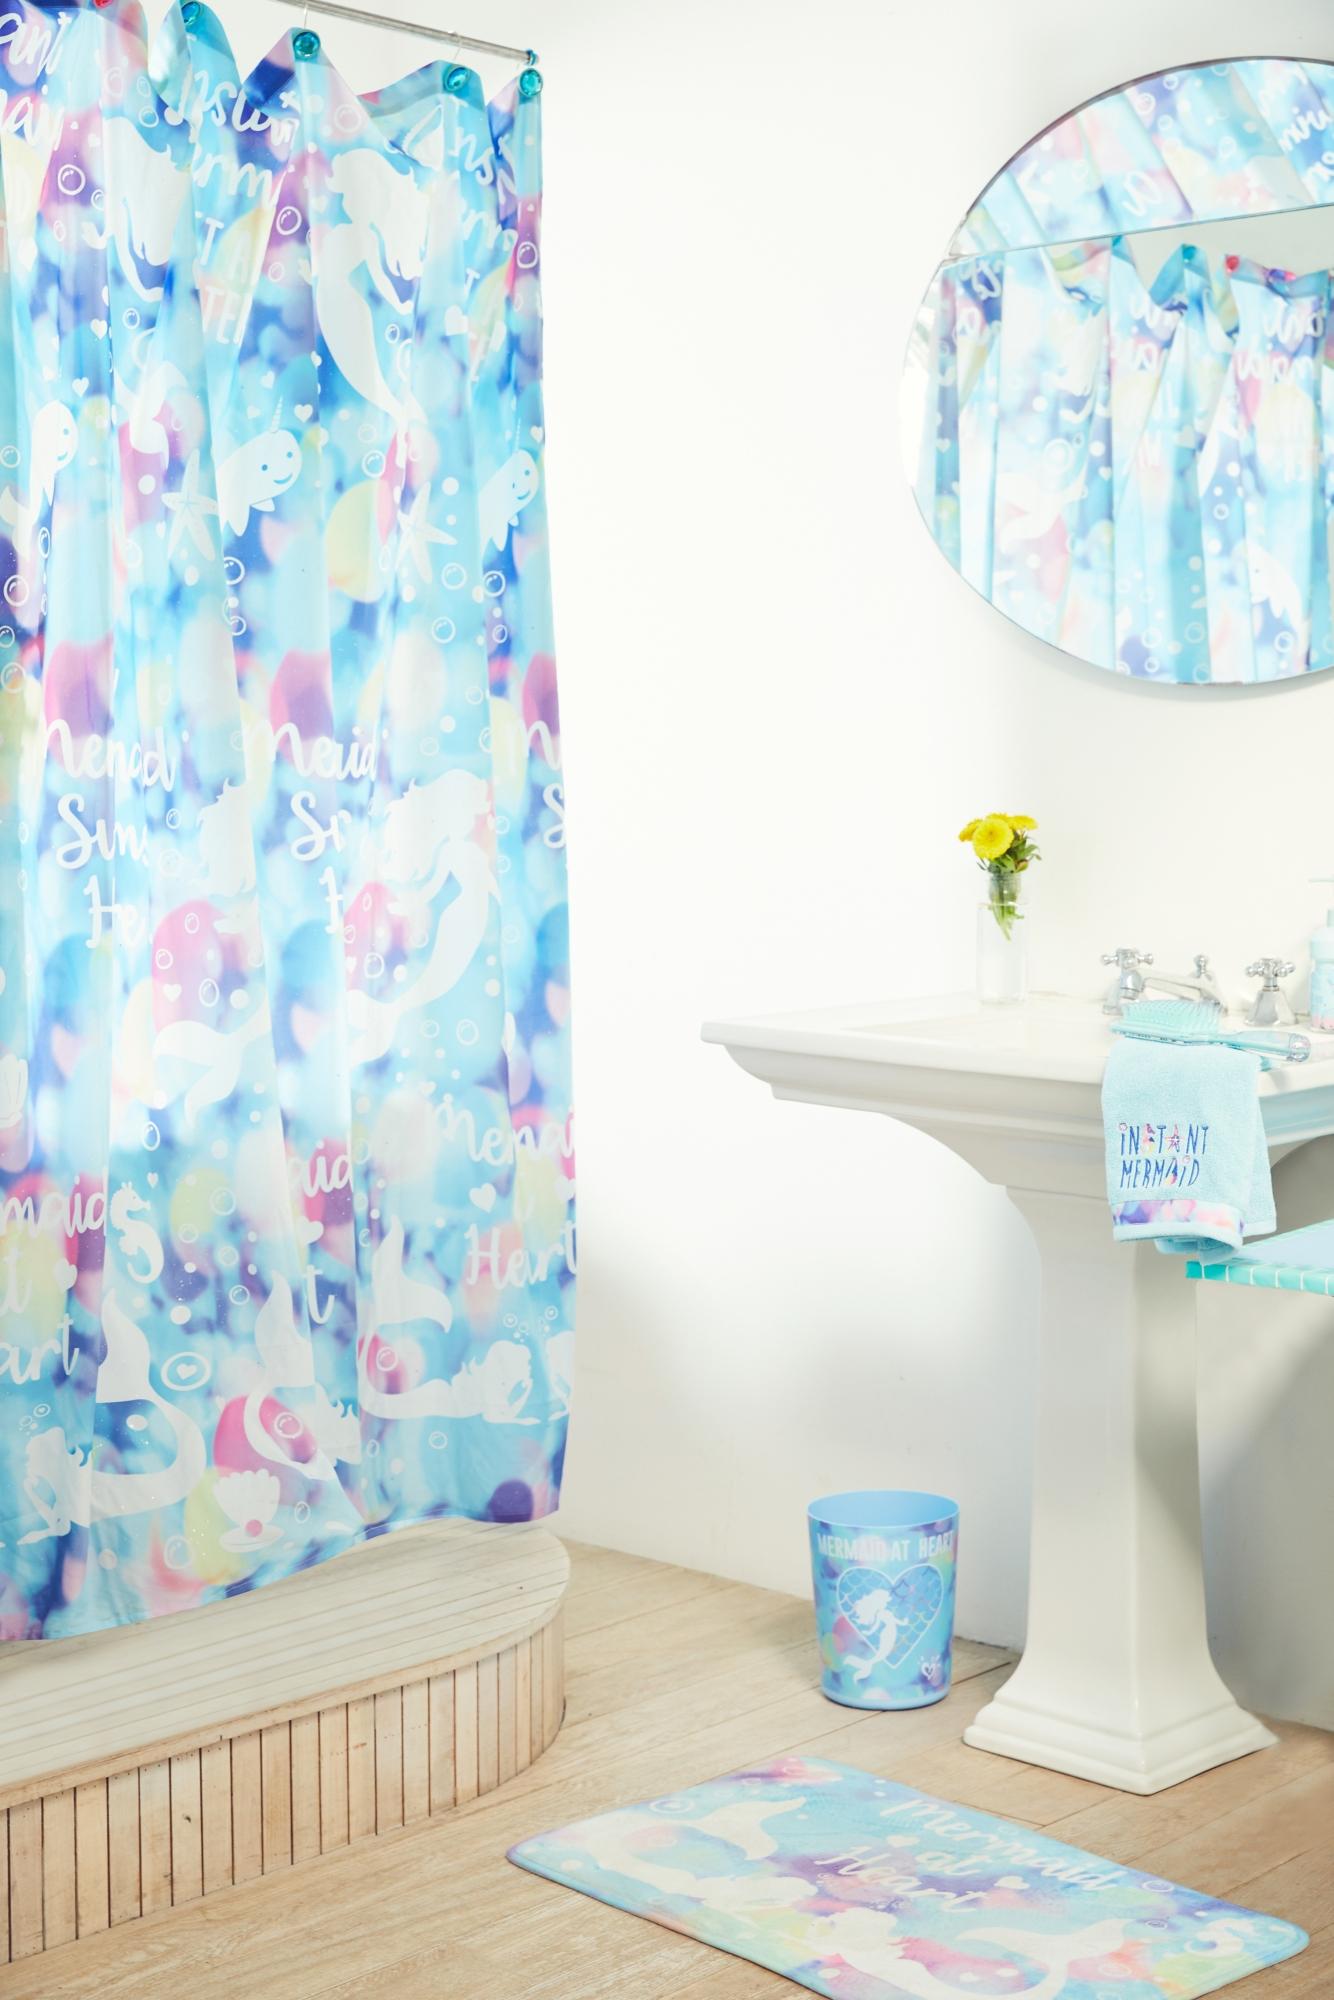 ... Bath; Mermaid Shower Curtain. Previous Next